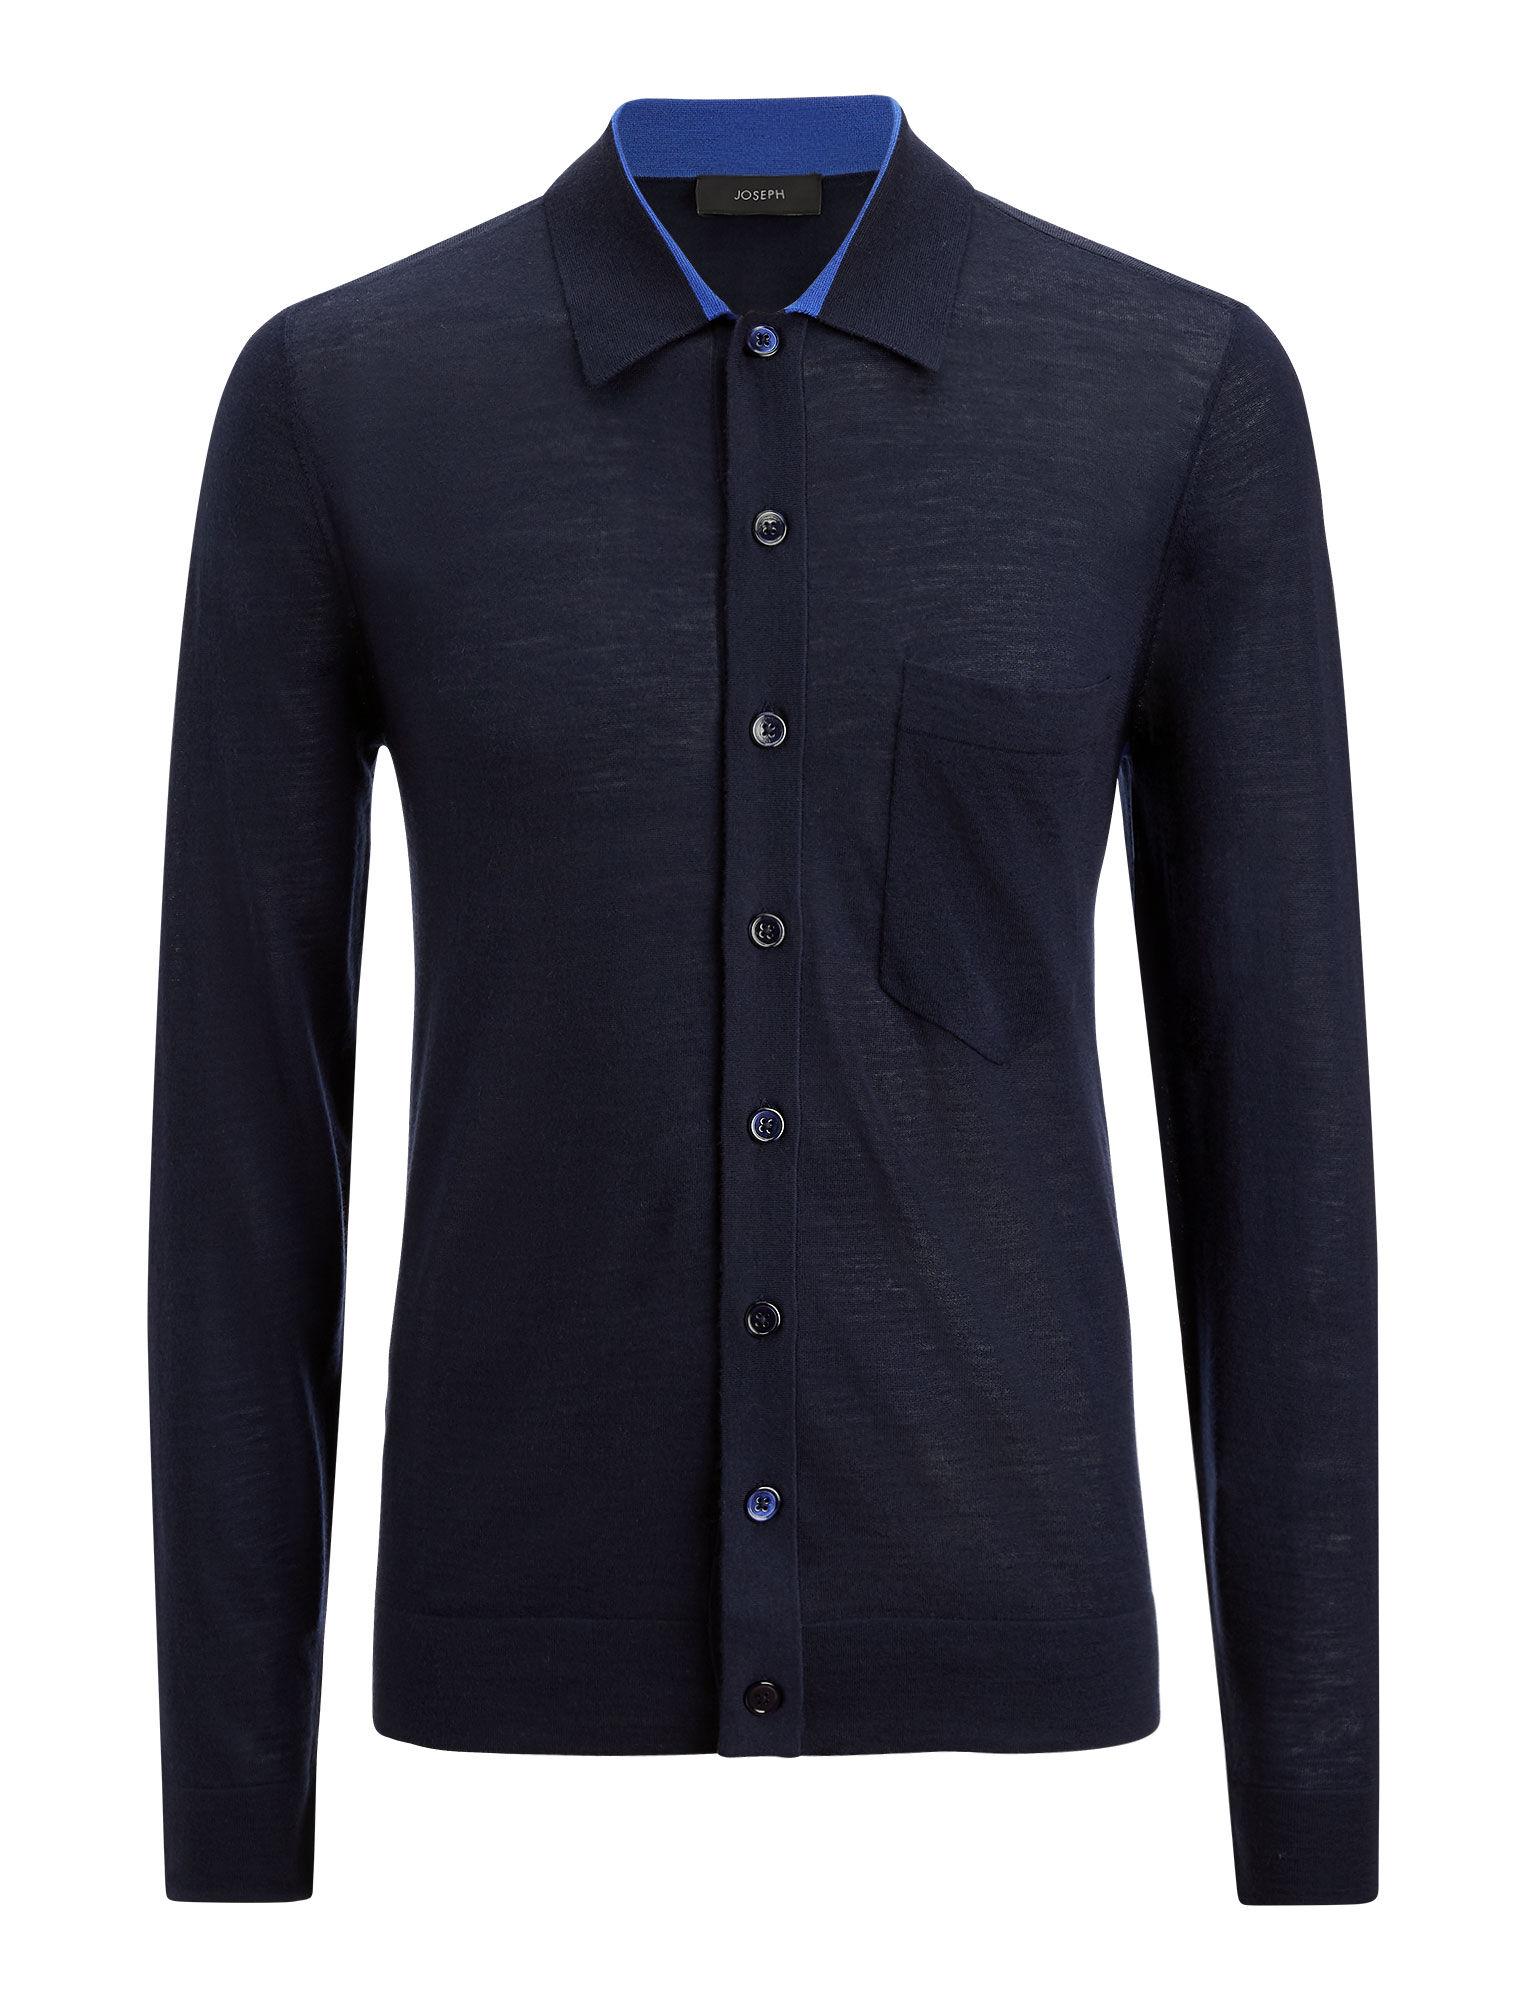 Joseph, Light Merinos Knit Shirt, in NAVY